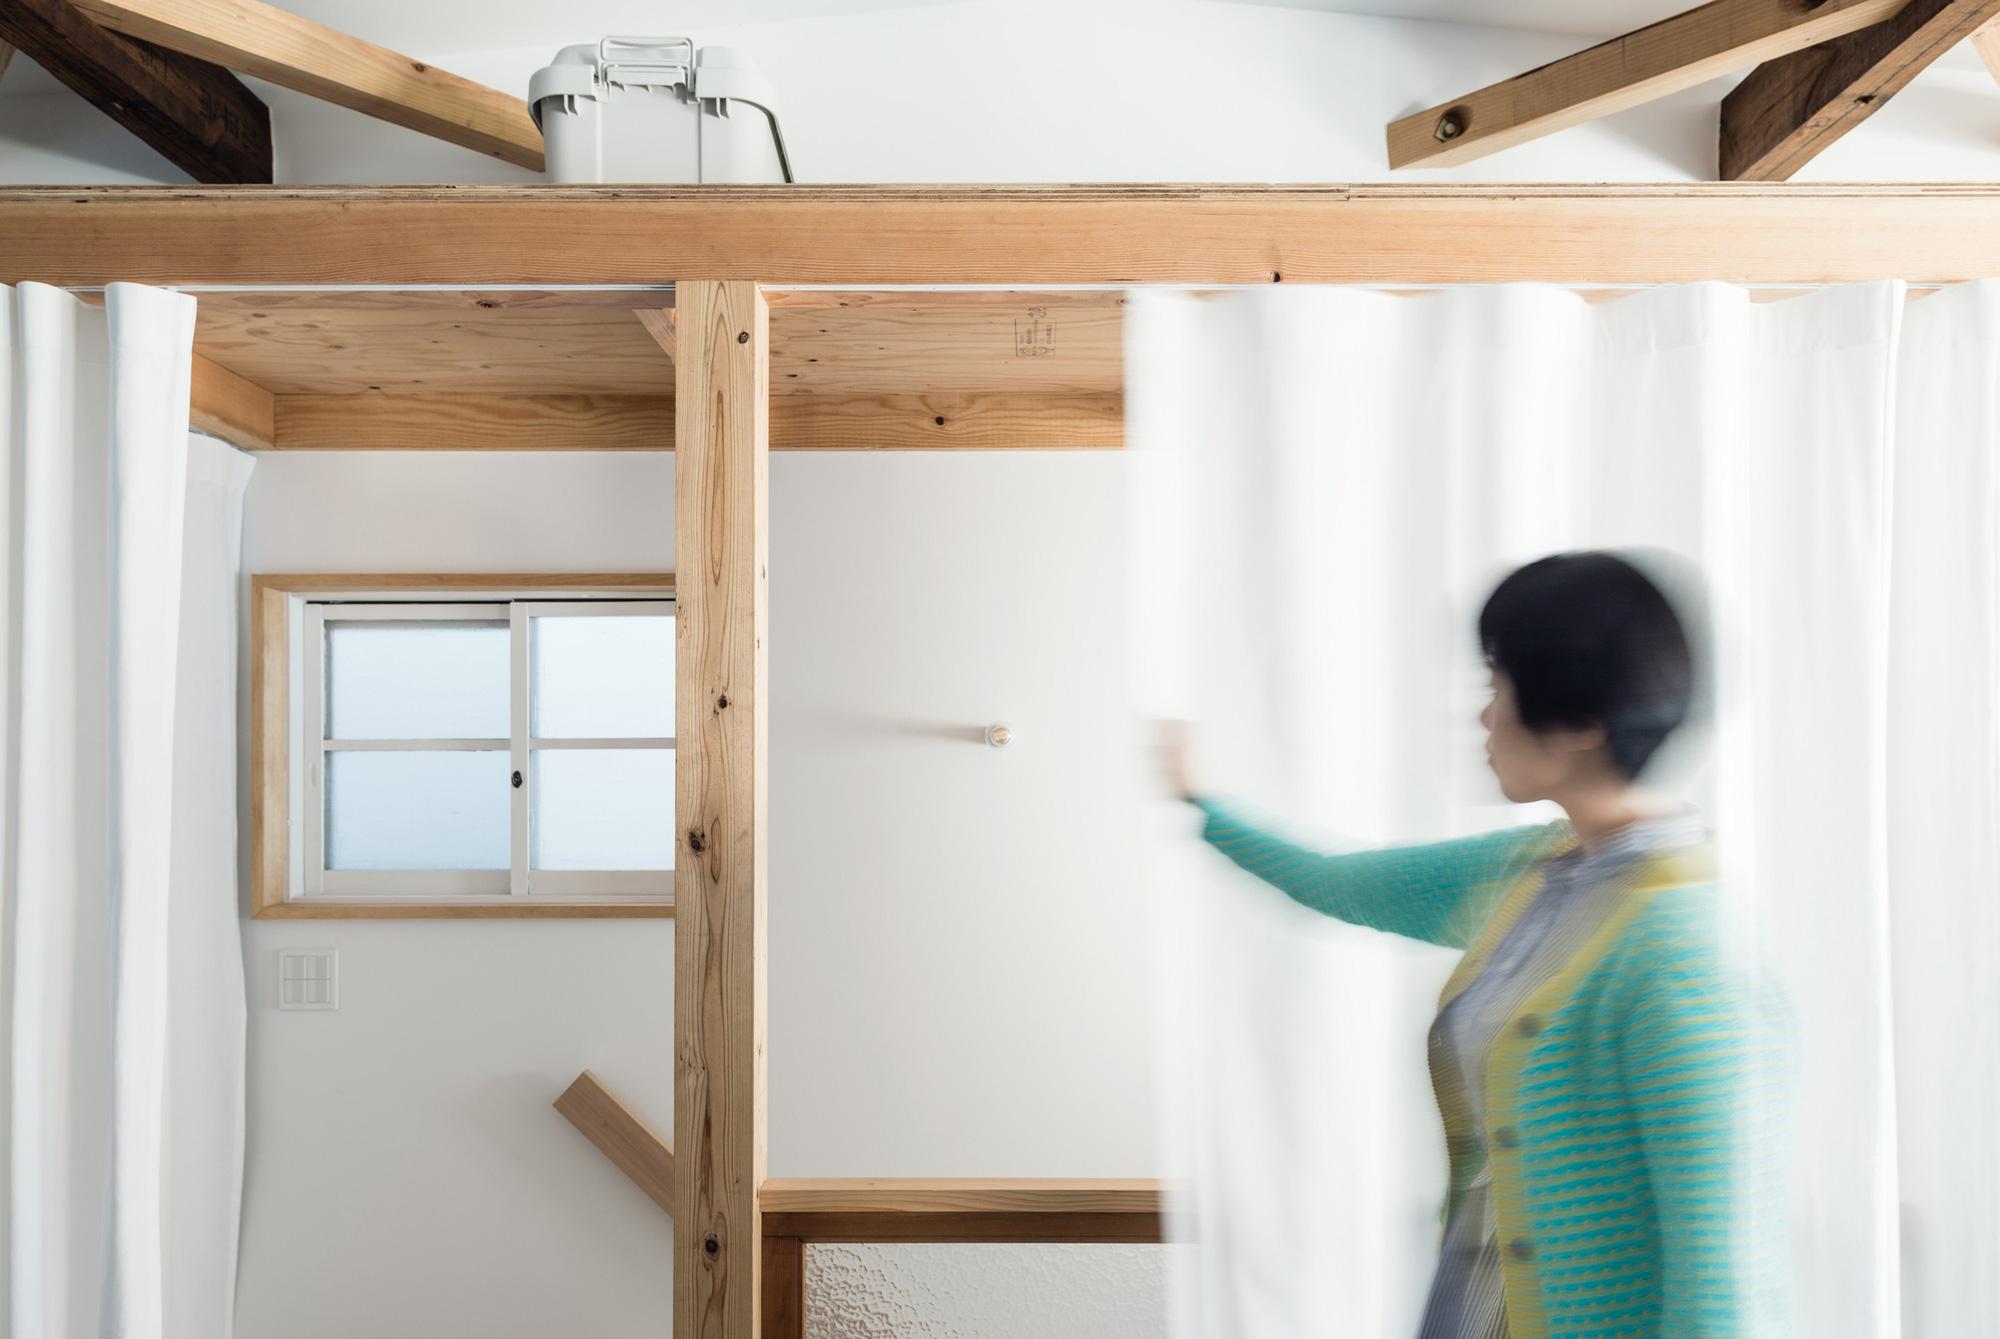 Re-Toyosaki / Coil Kazuteru Matumura Architects (13)